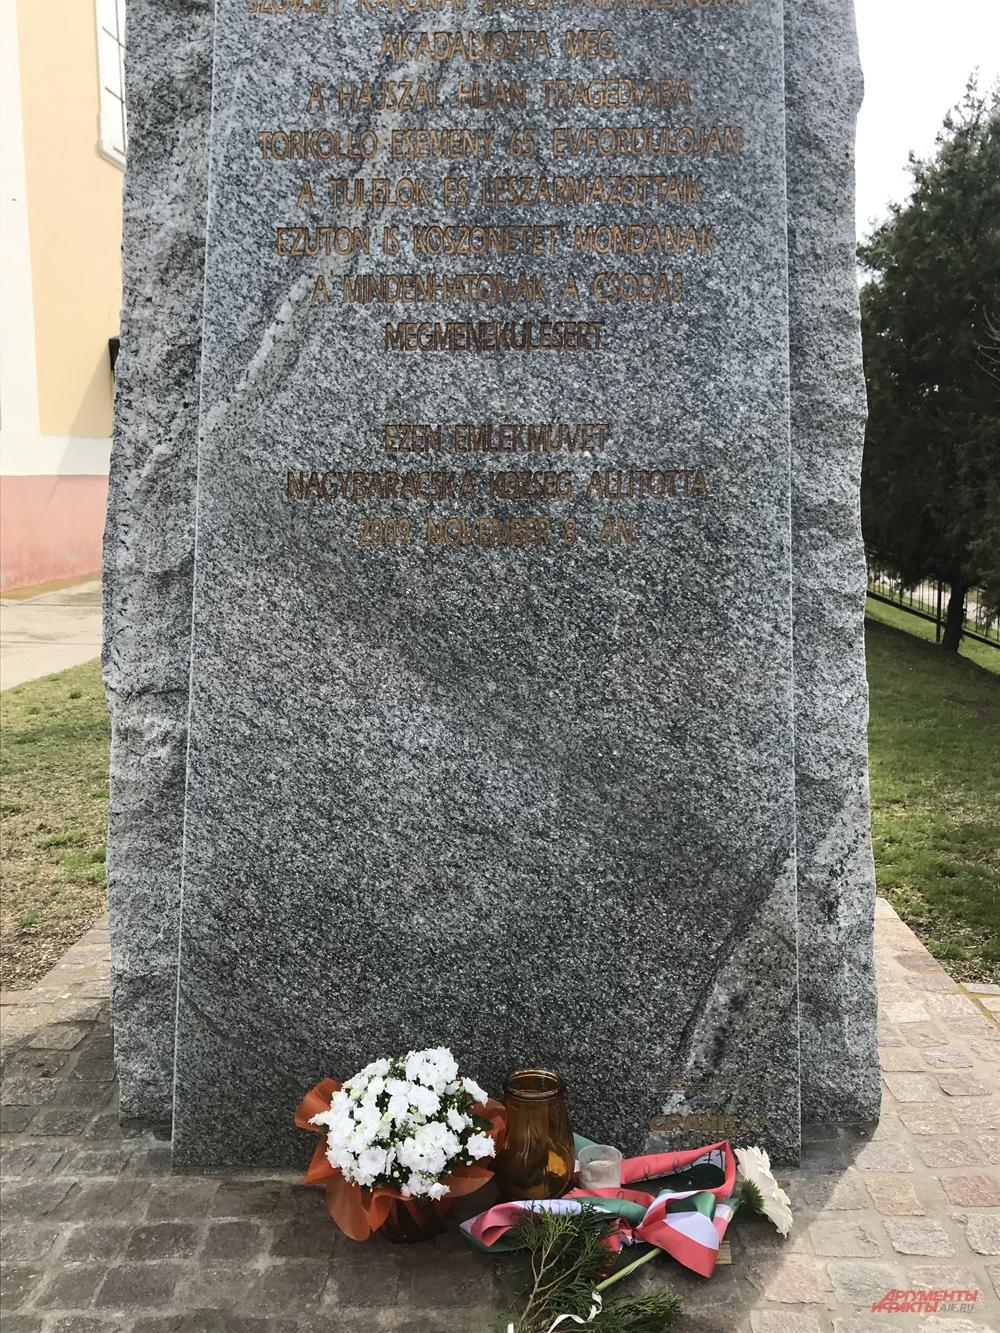 «Спас нас всех». Как в венгерской деревне чтят память советского офицера